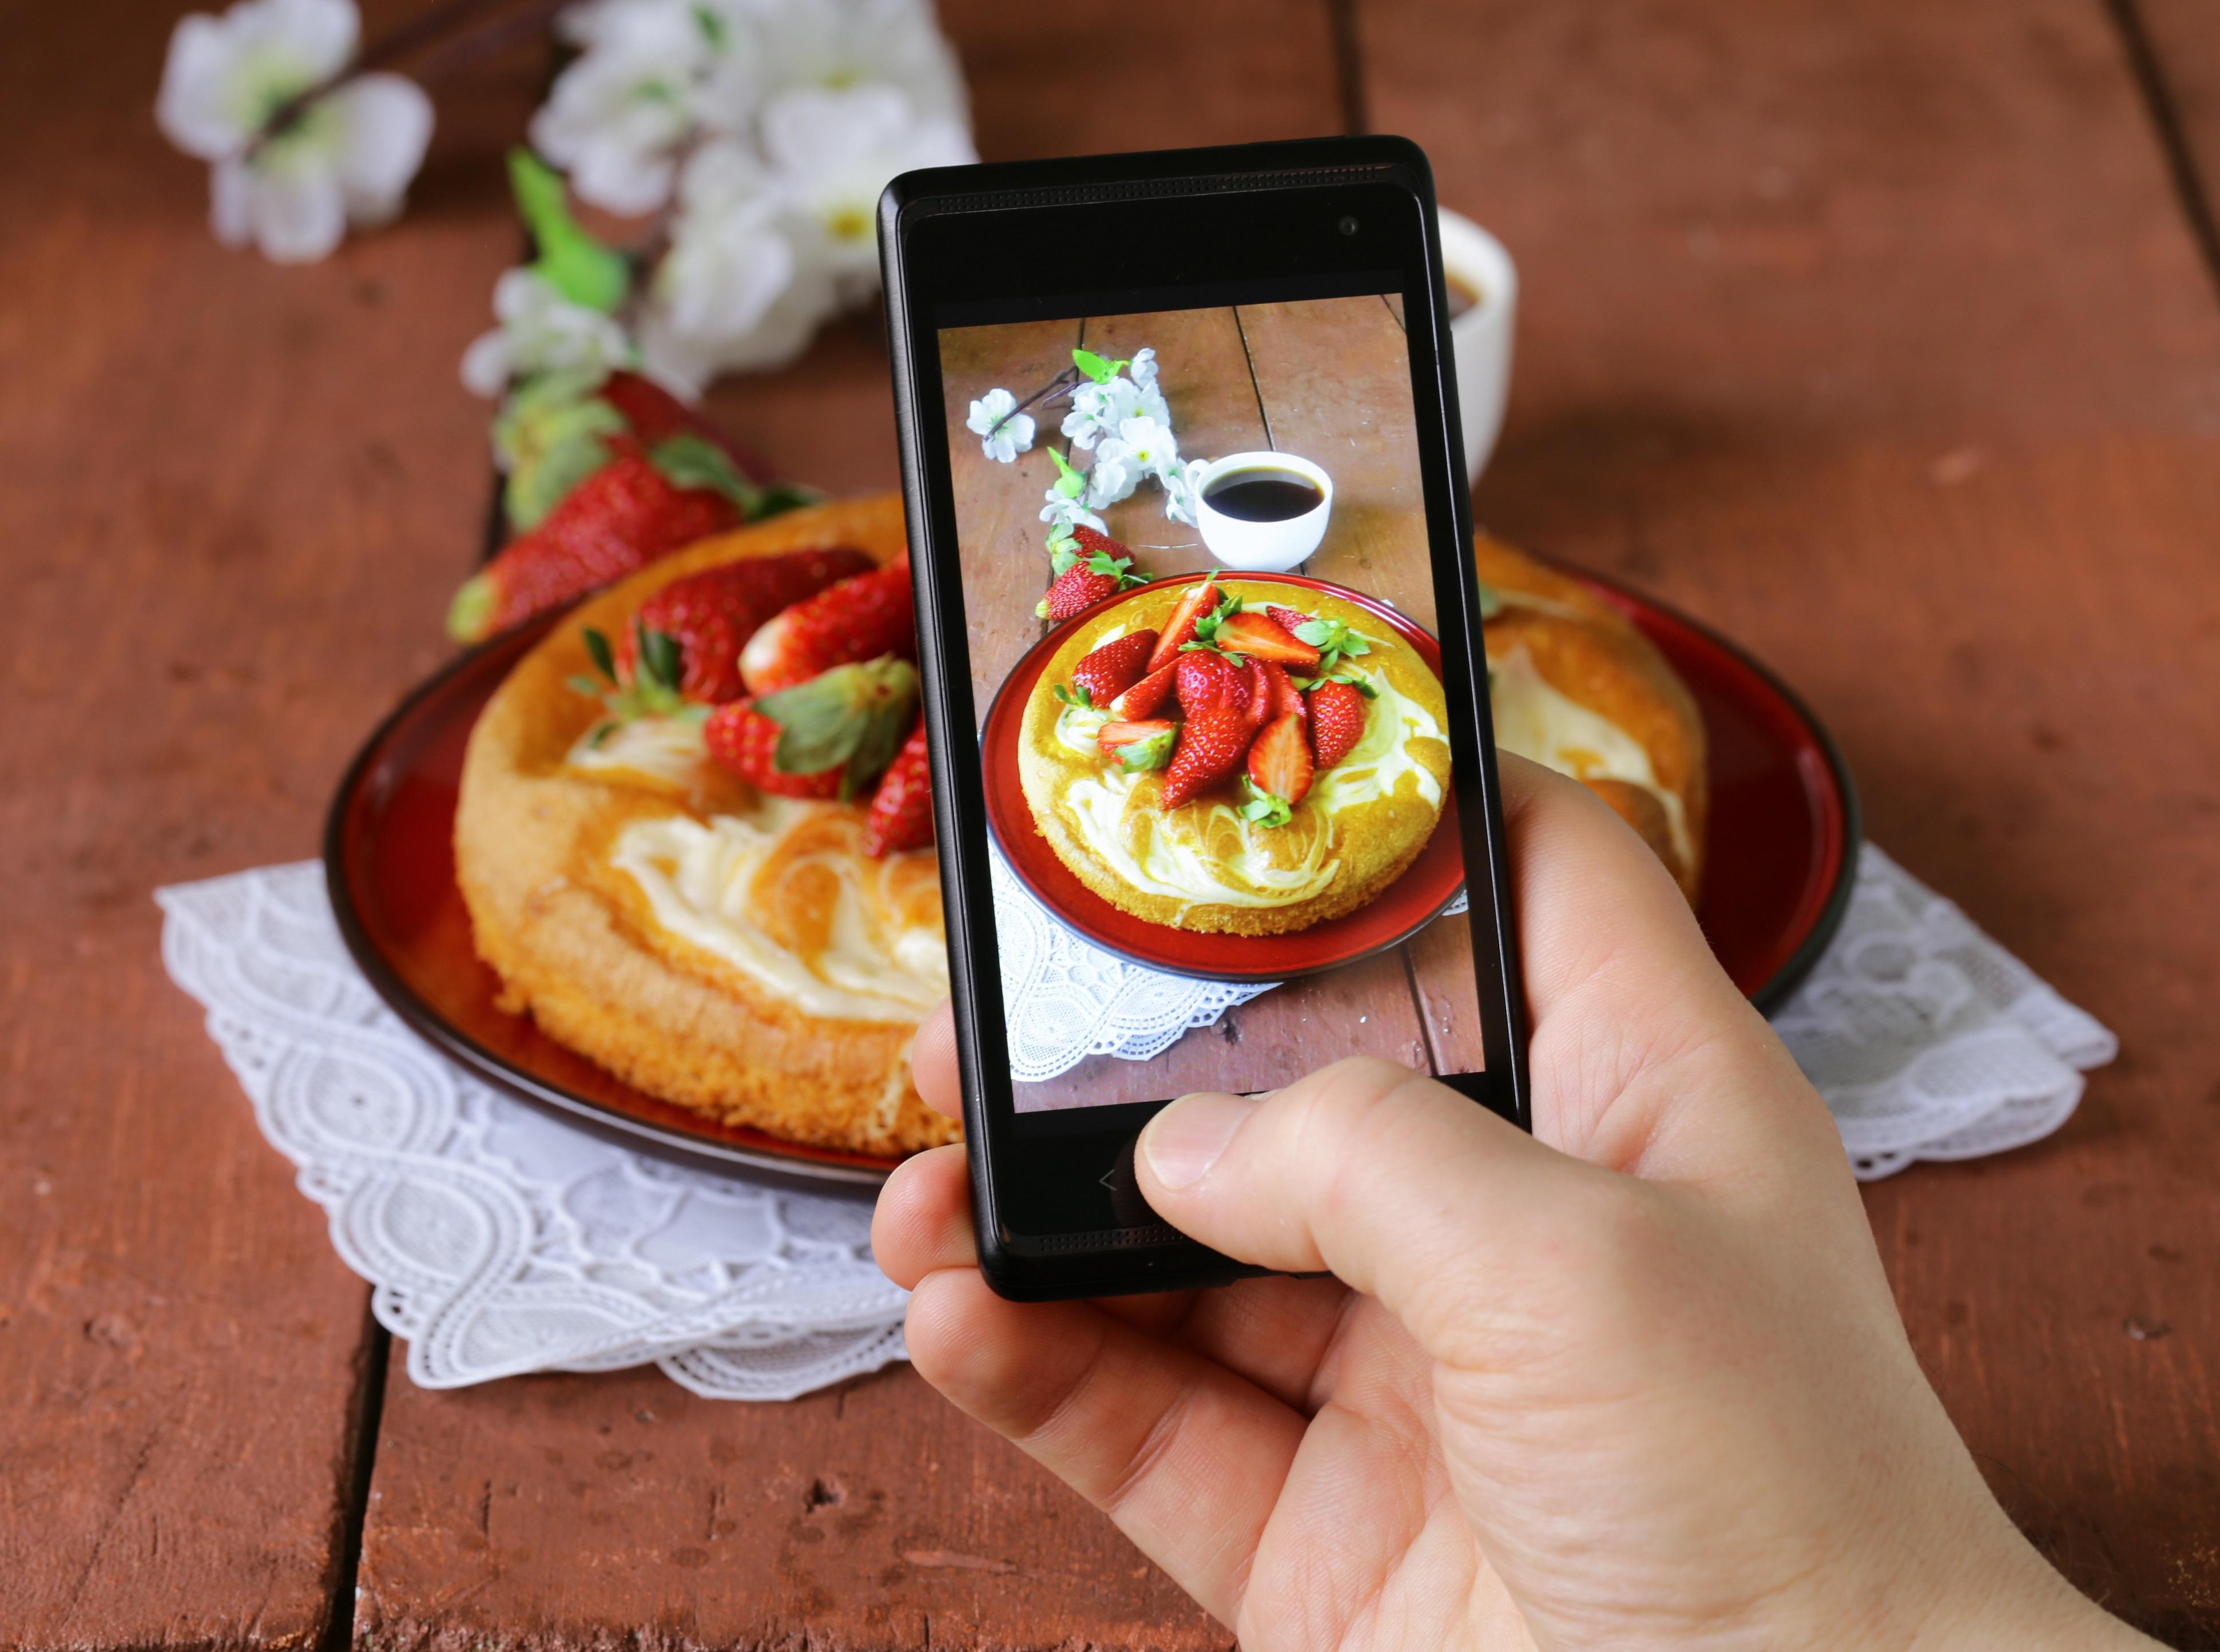 работы картинки фотографируют еду данном